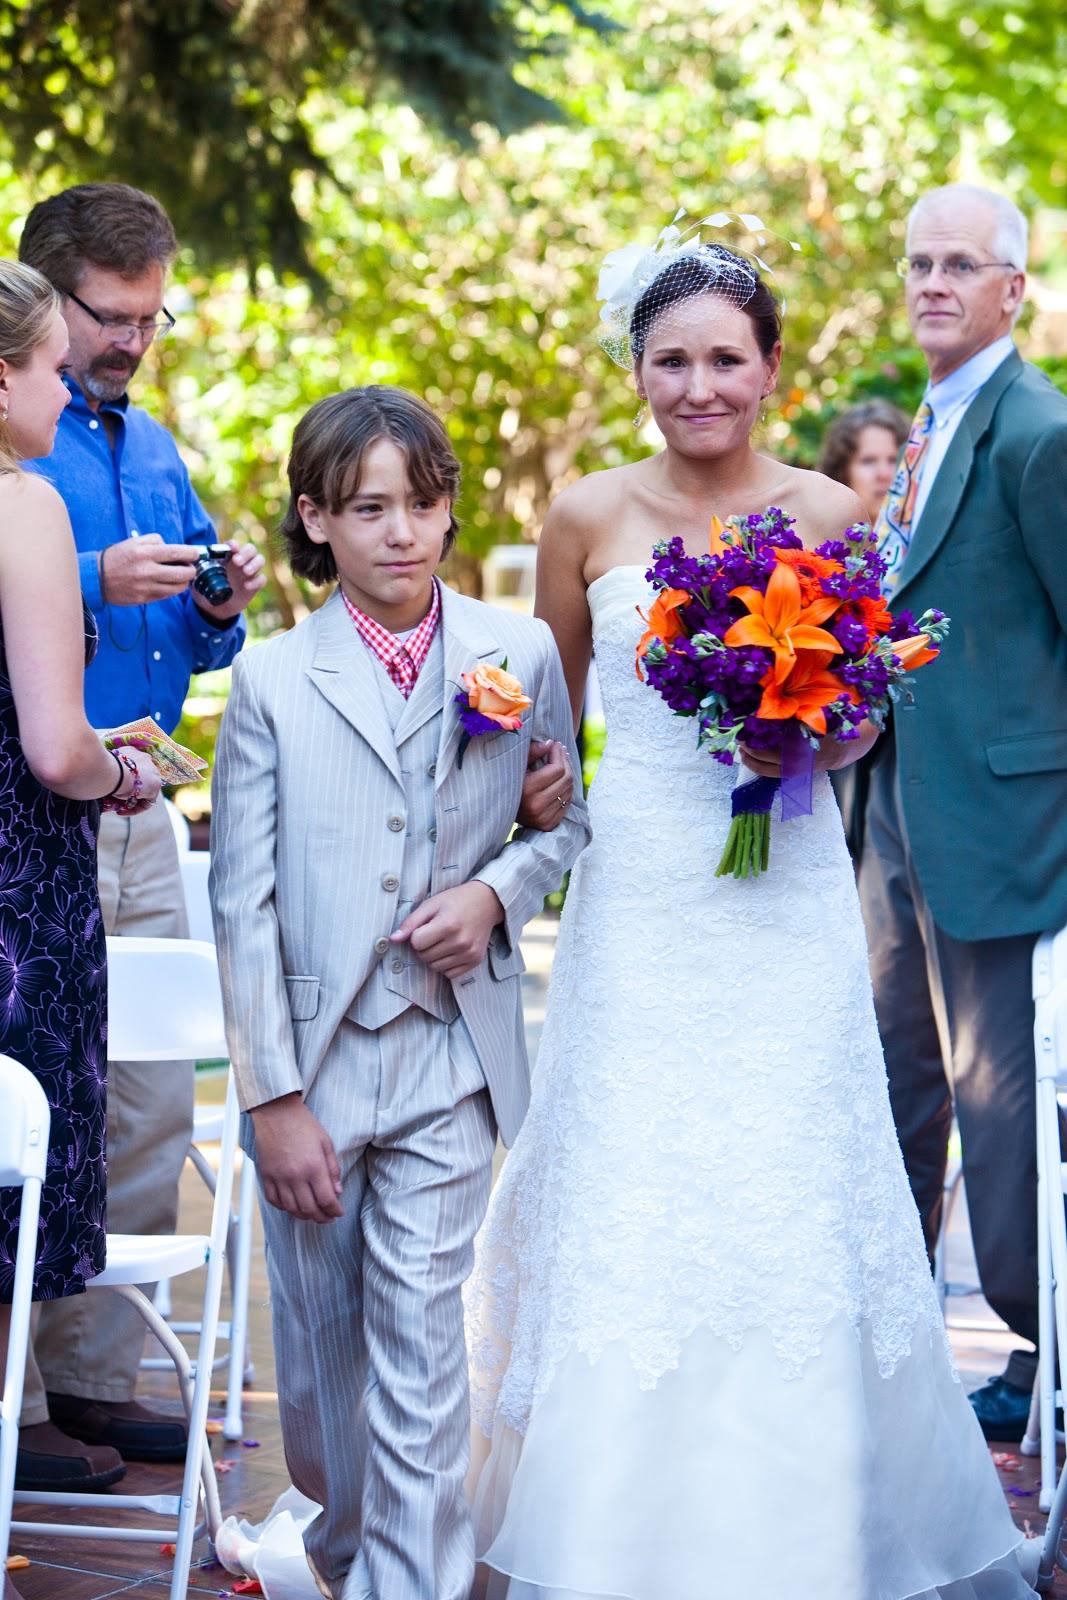 http://4.bp.blogspot.com/-DbI9tpG7wIU/UIXLud2S_QI/AAAAAAAAN9E/E-Lza6TJHQw/s1600/Robin+and+Patrick+Wedding0811.jpg